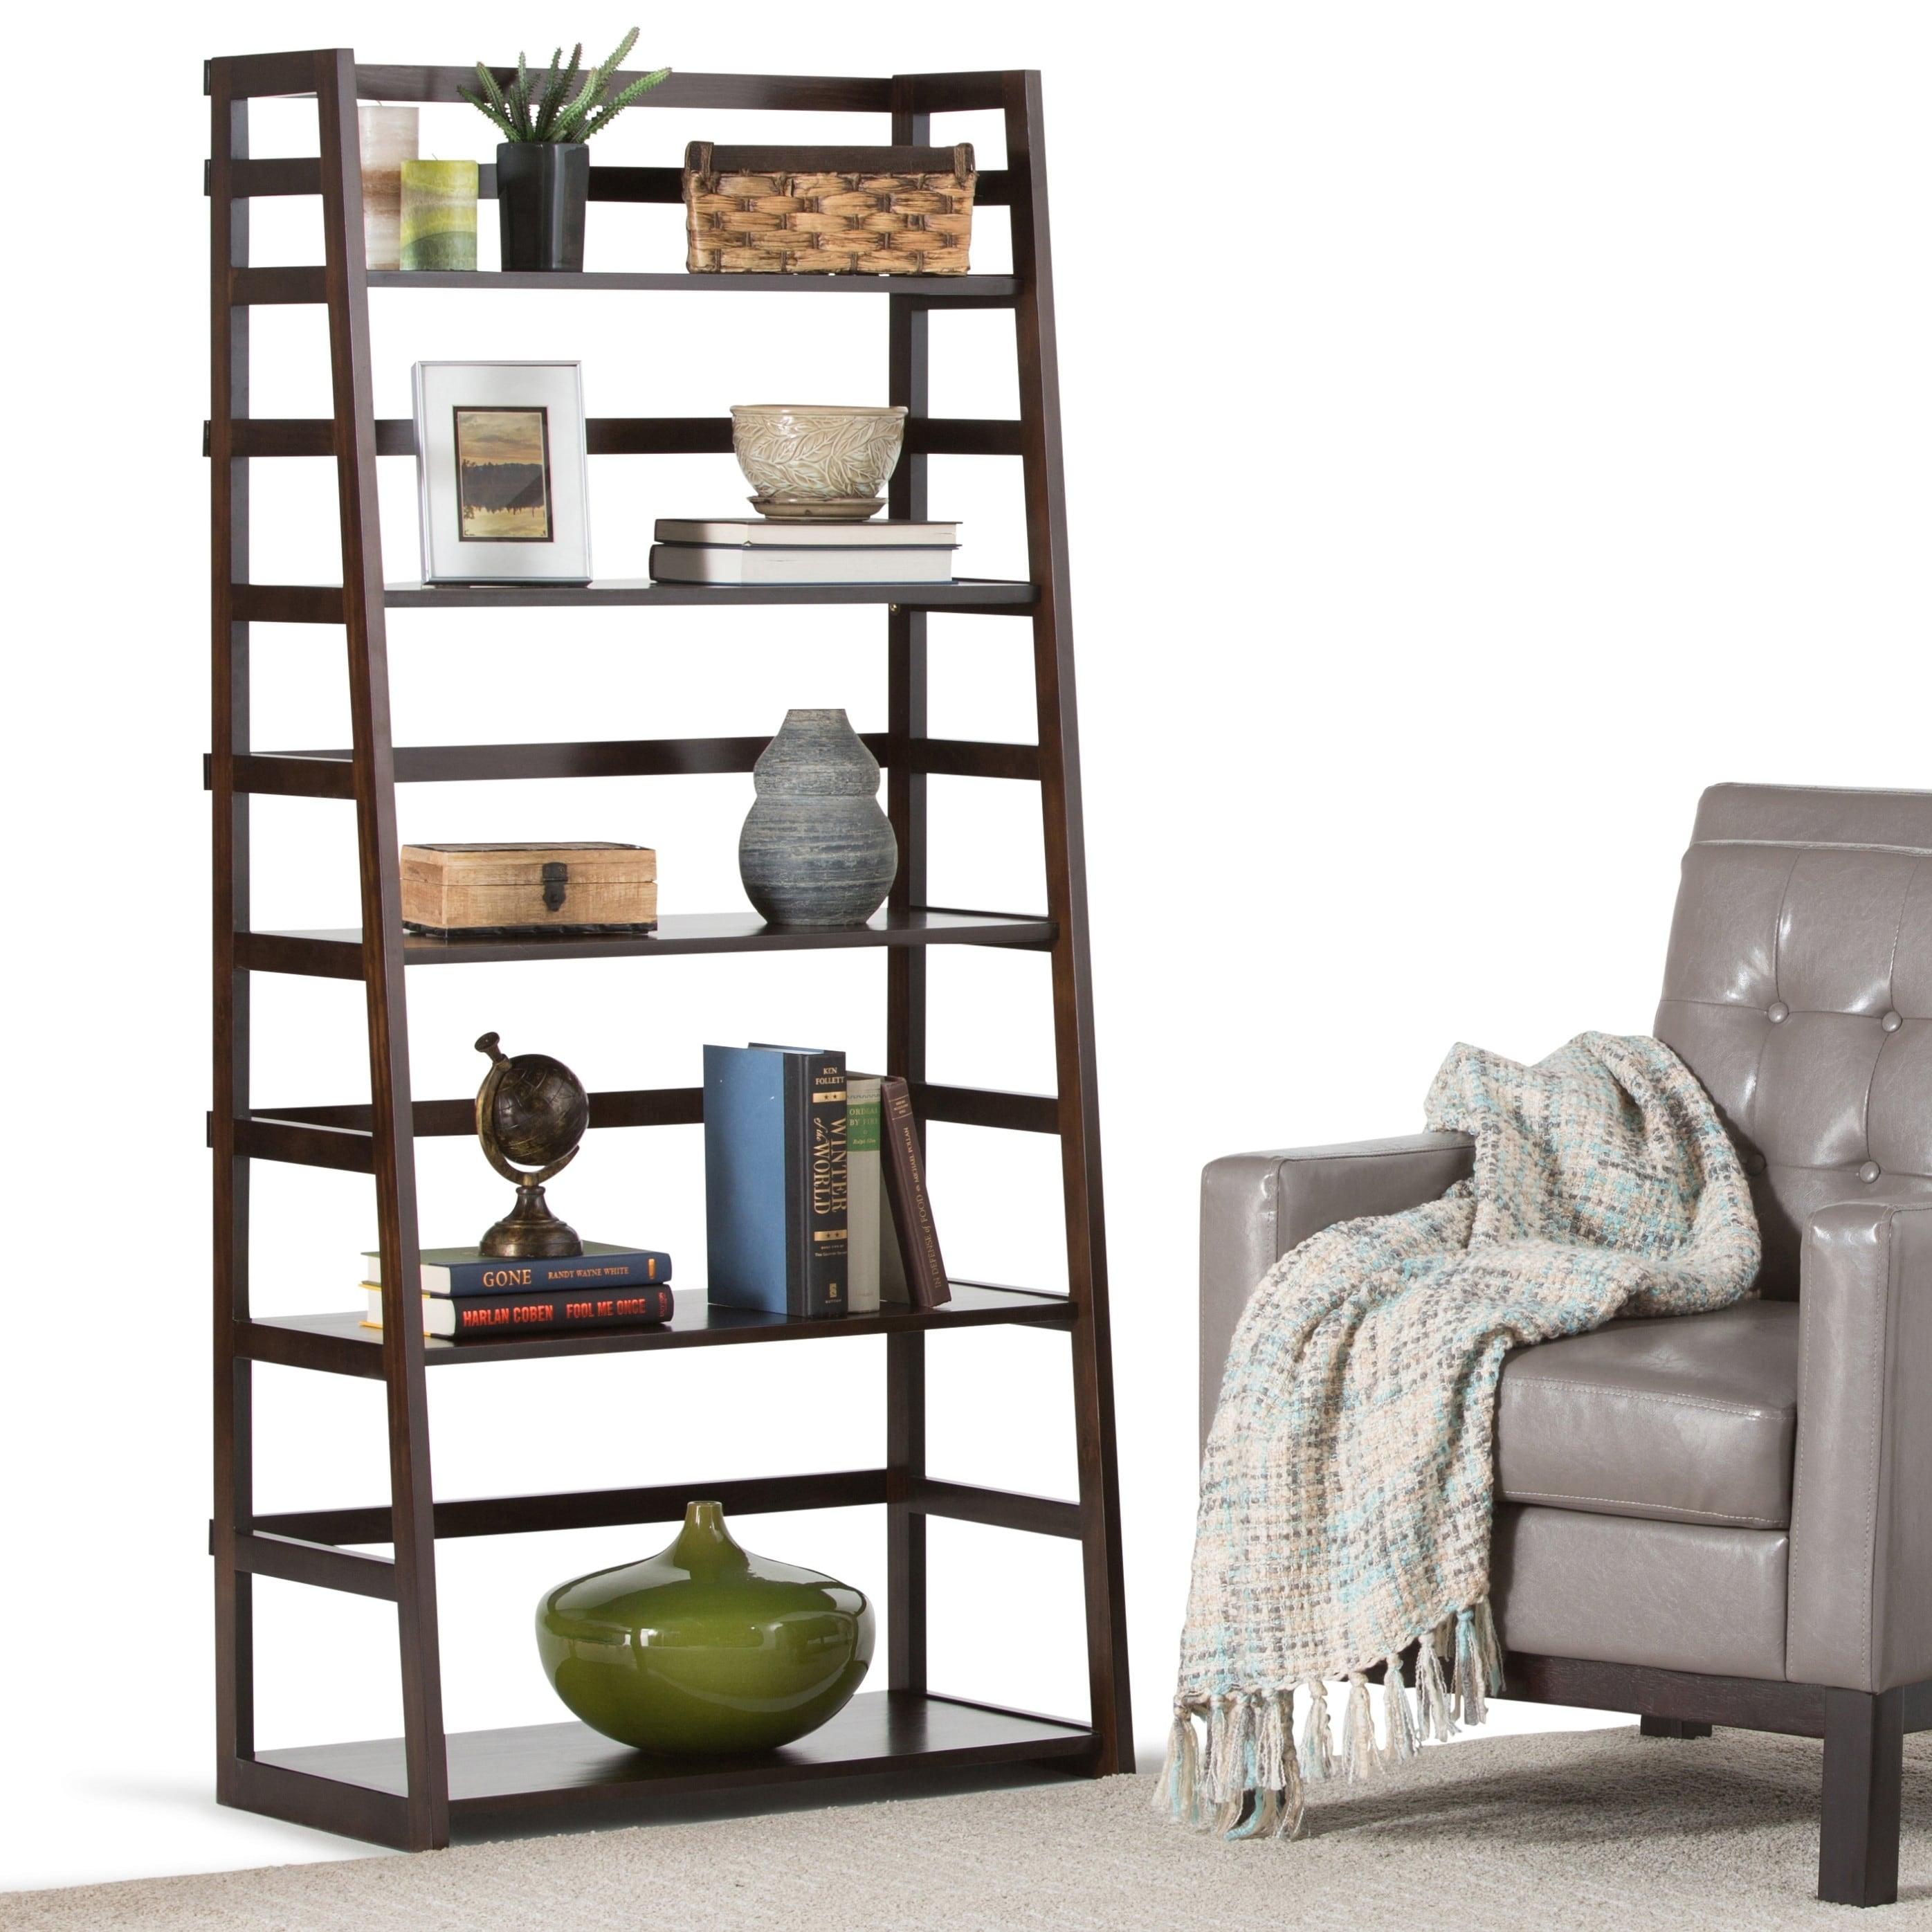 Wyndenhall Normandy Solid Wood 63 Inch X 30 Inch Rustic Ladder Shelf Bookcase 30 W X 15 9 D X 63 H